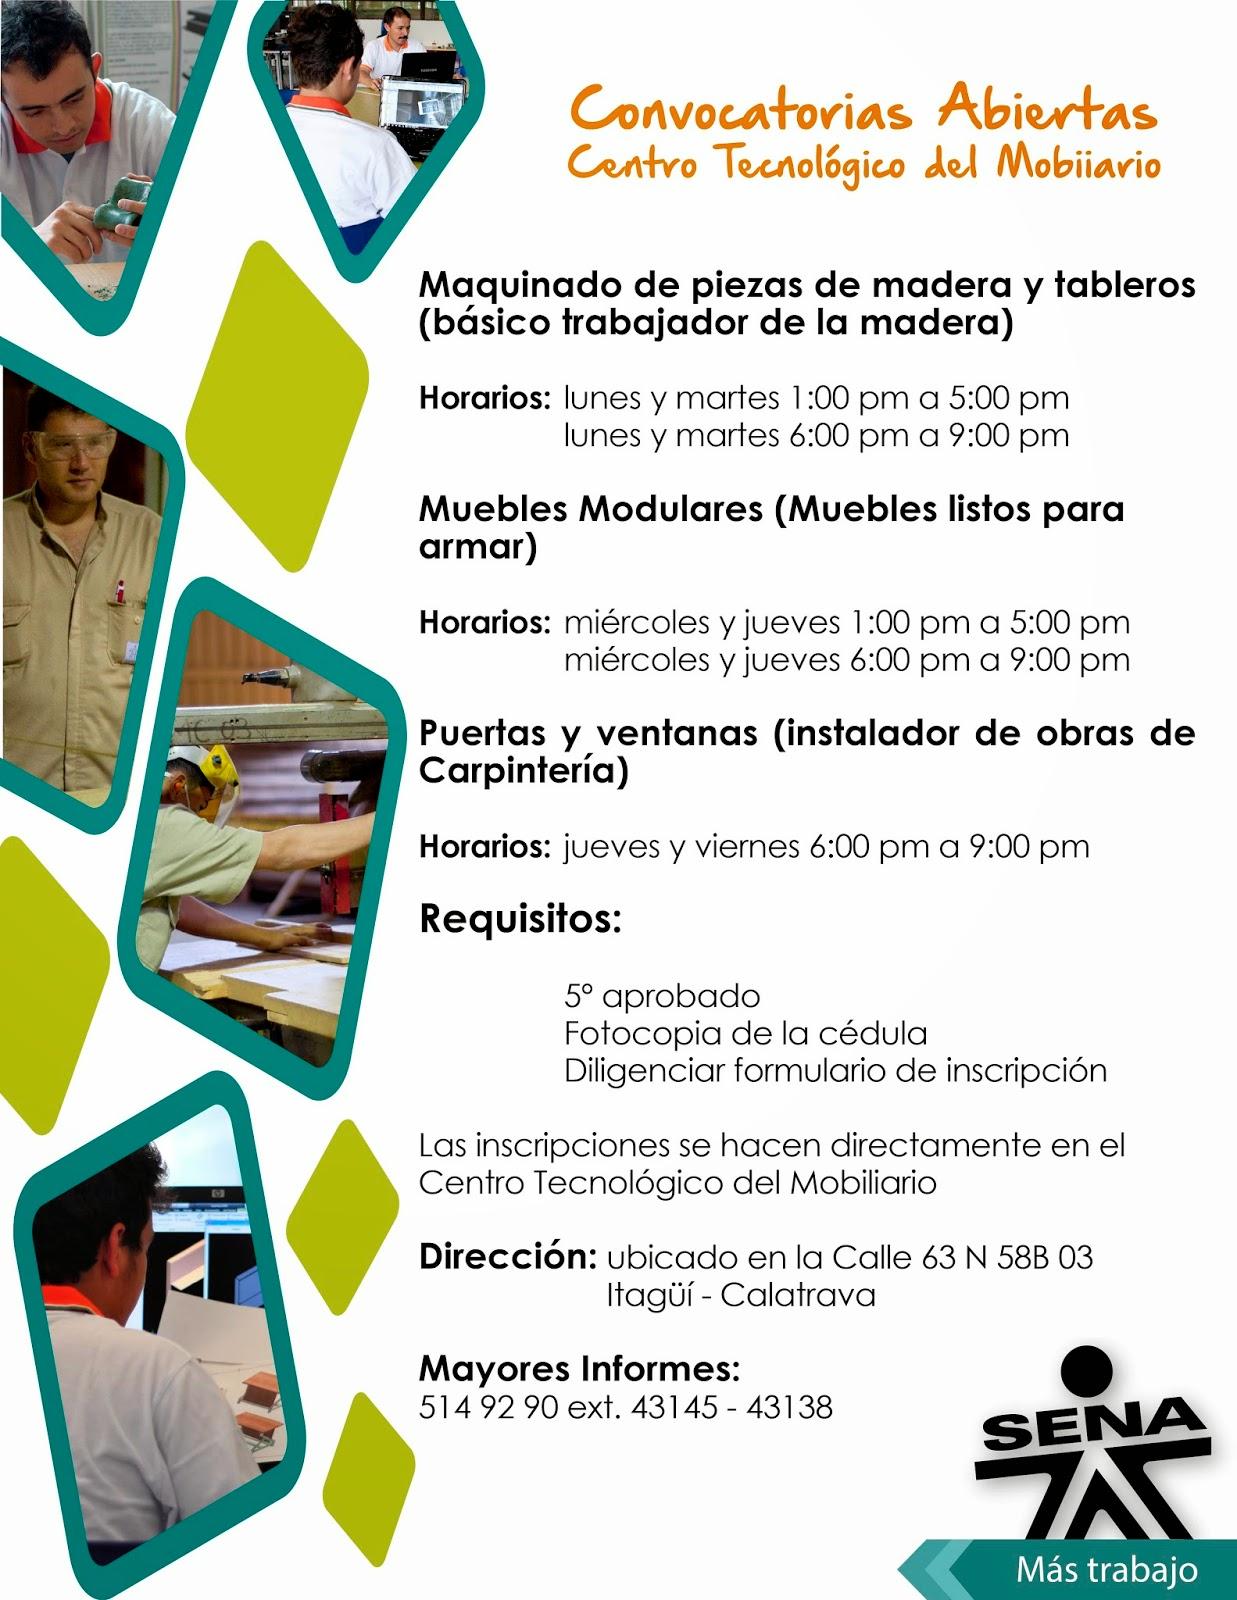 Centro tecnol gico del mobiliario 08 01 2014 09 01 2014 for Mobiliario 8 80